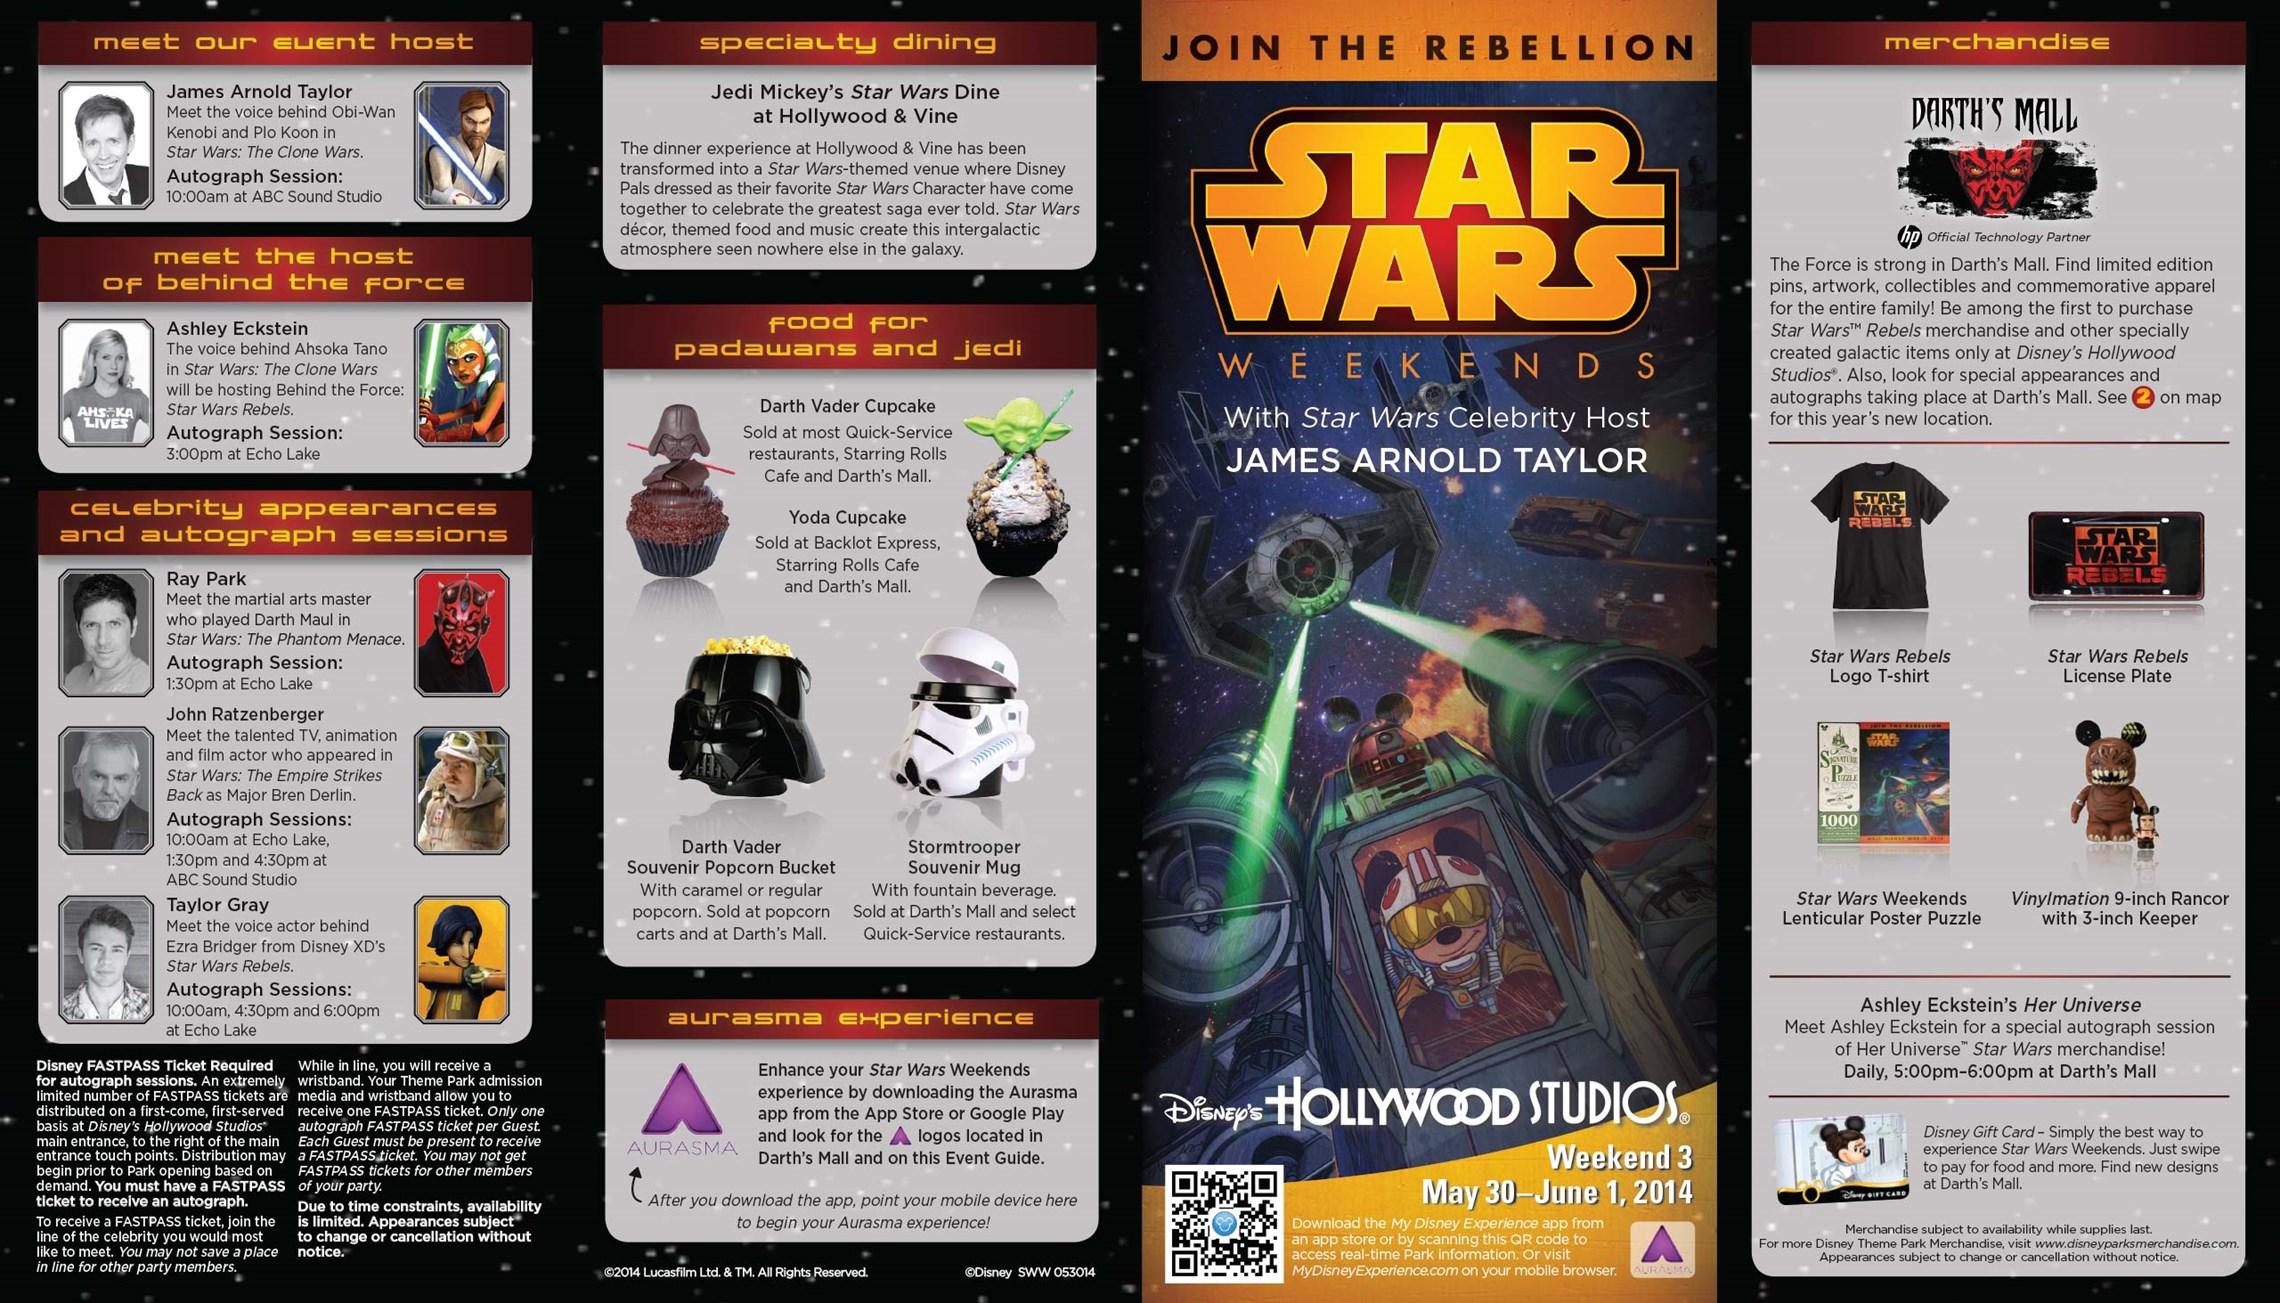 2014 Star Wars Weekends May 30 - June 1 Weekend 3 guide map